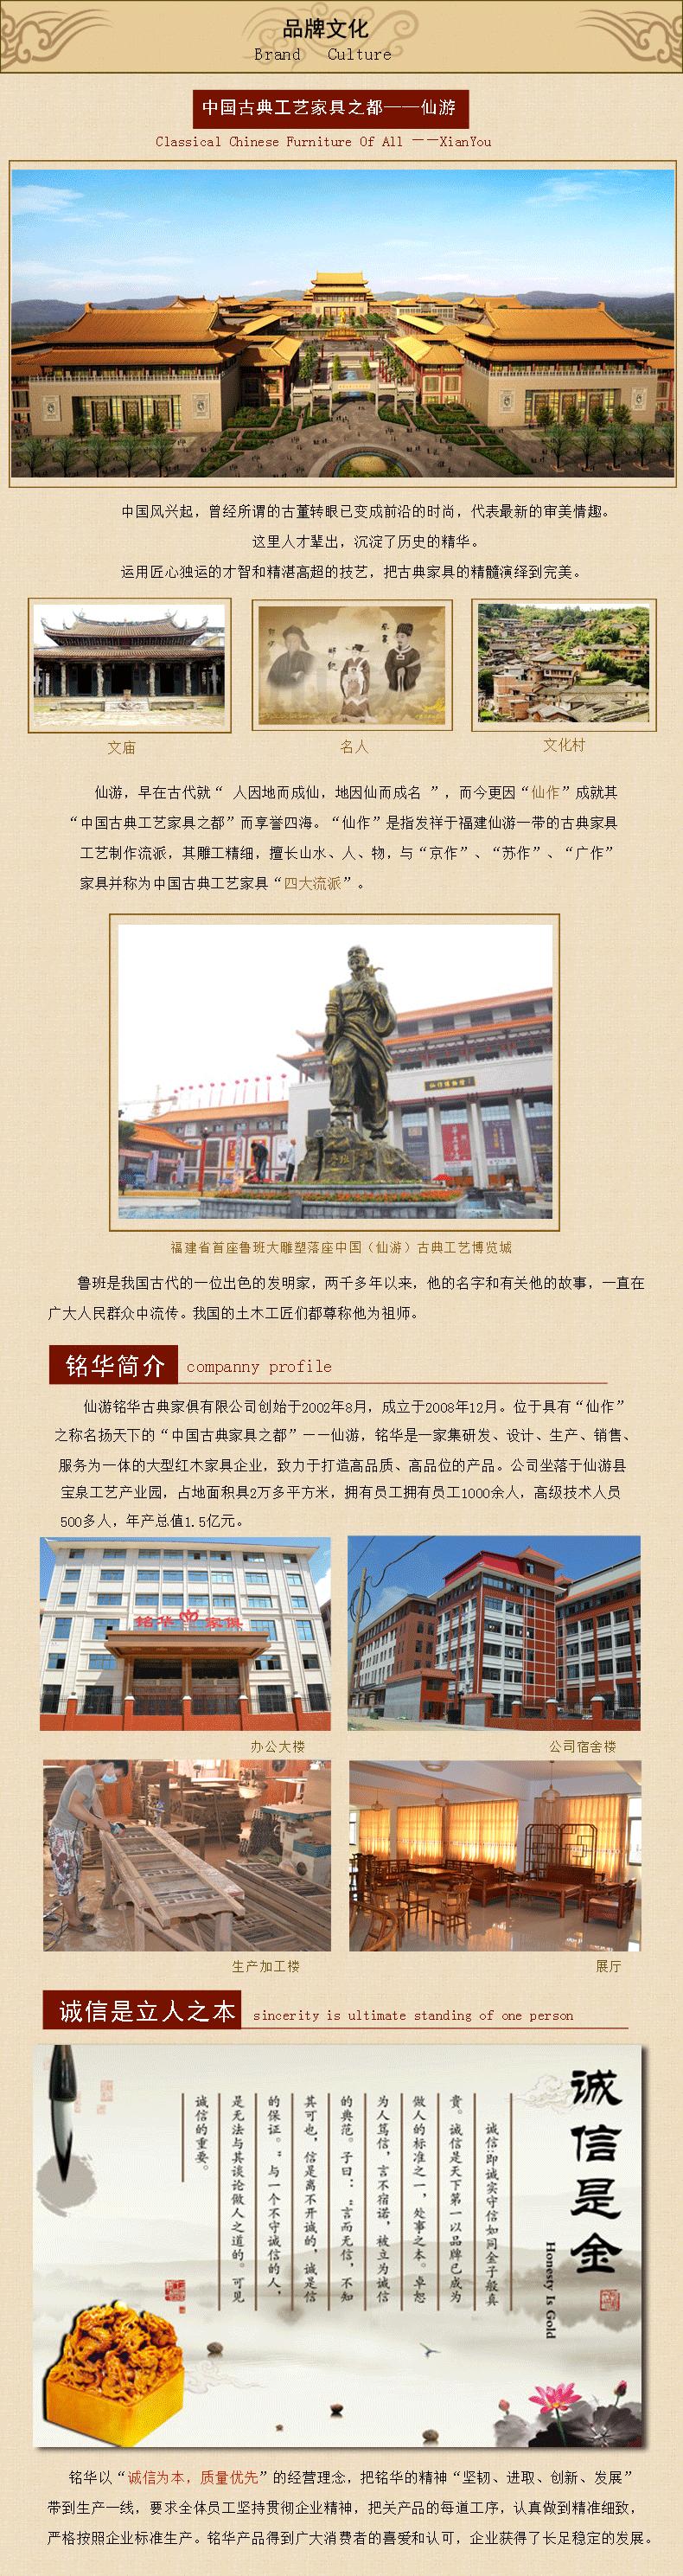 铭华家具旗舰店_铭华品牌产品评情图